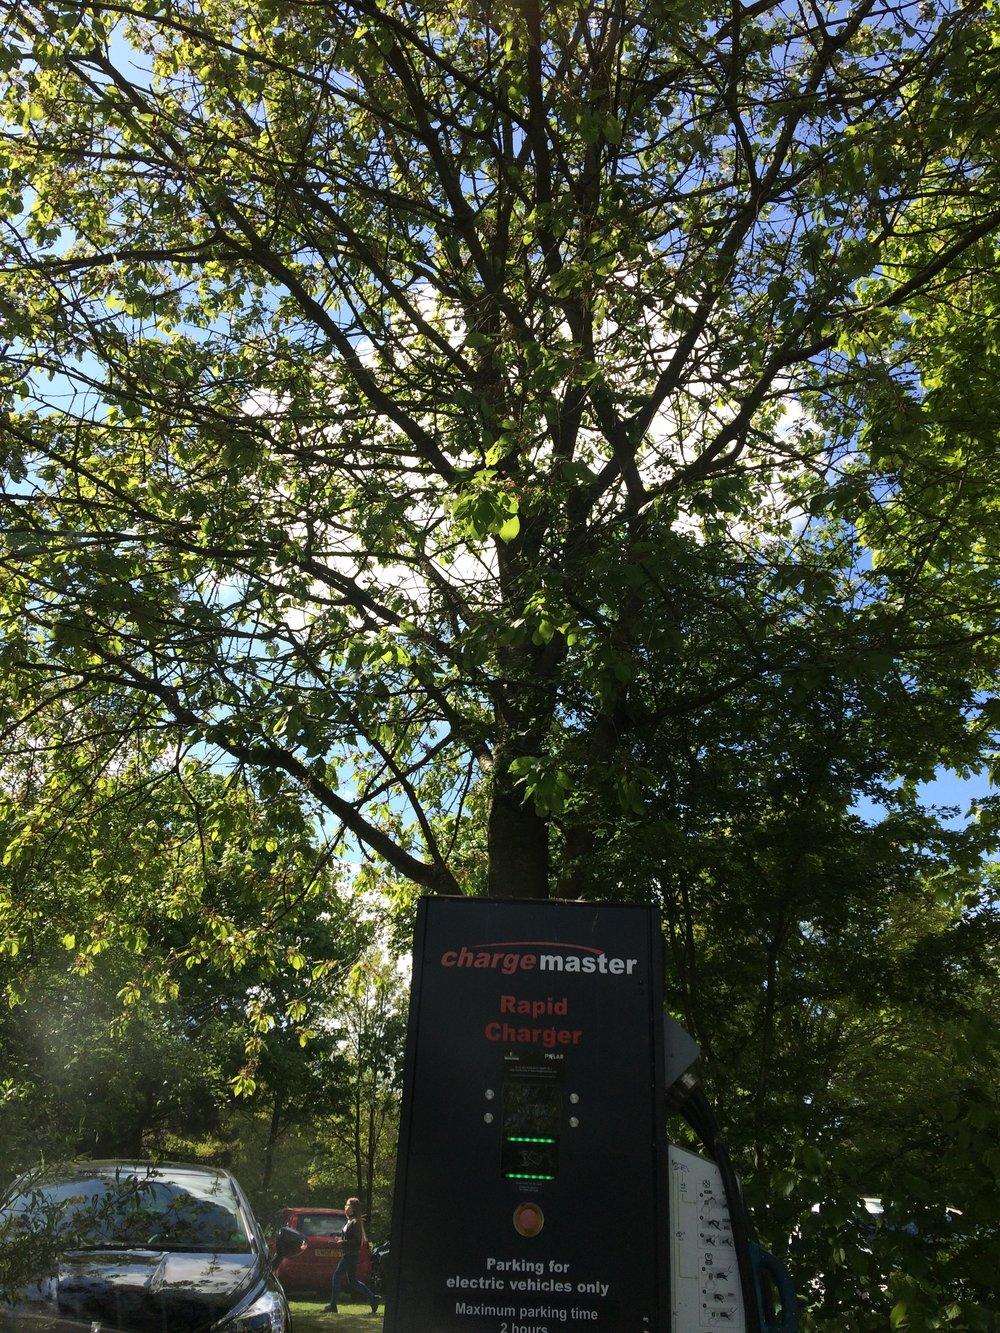 Free parking at chargemaster point at Willen Lake, MK